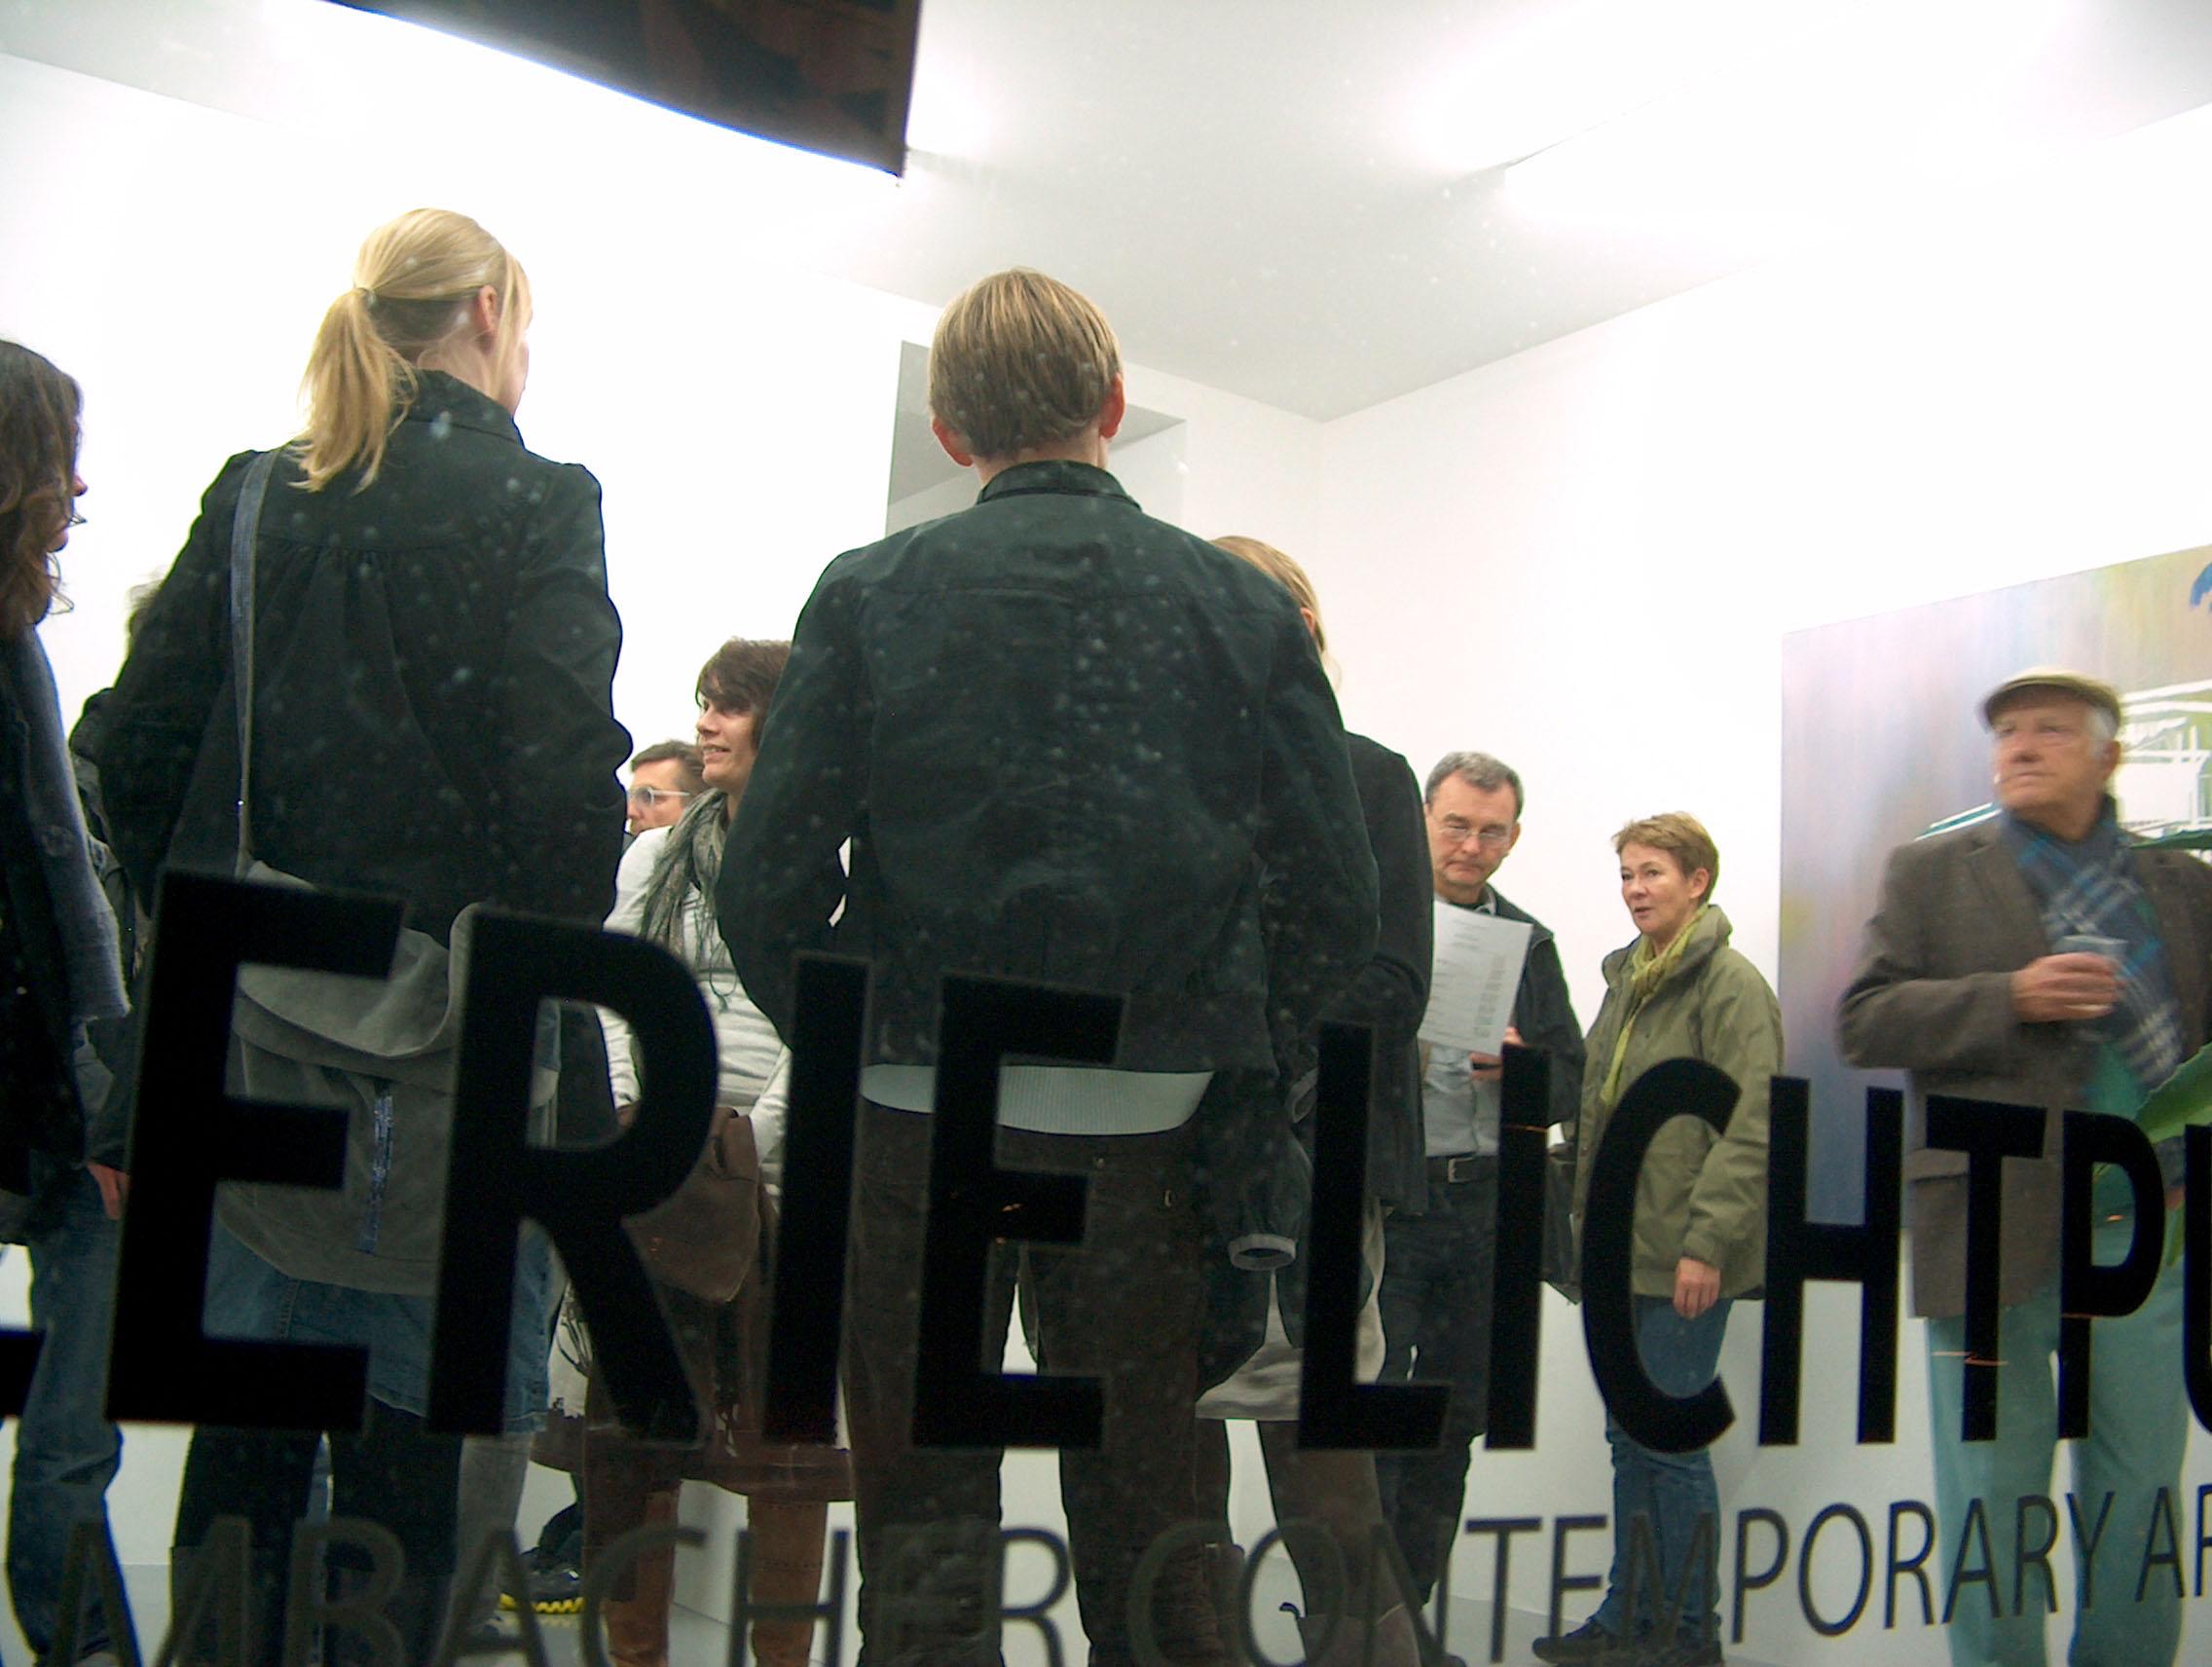 Matthias Moravek, %22Auf Achse%22, exhibition view3, 2010.jpg